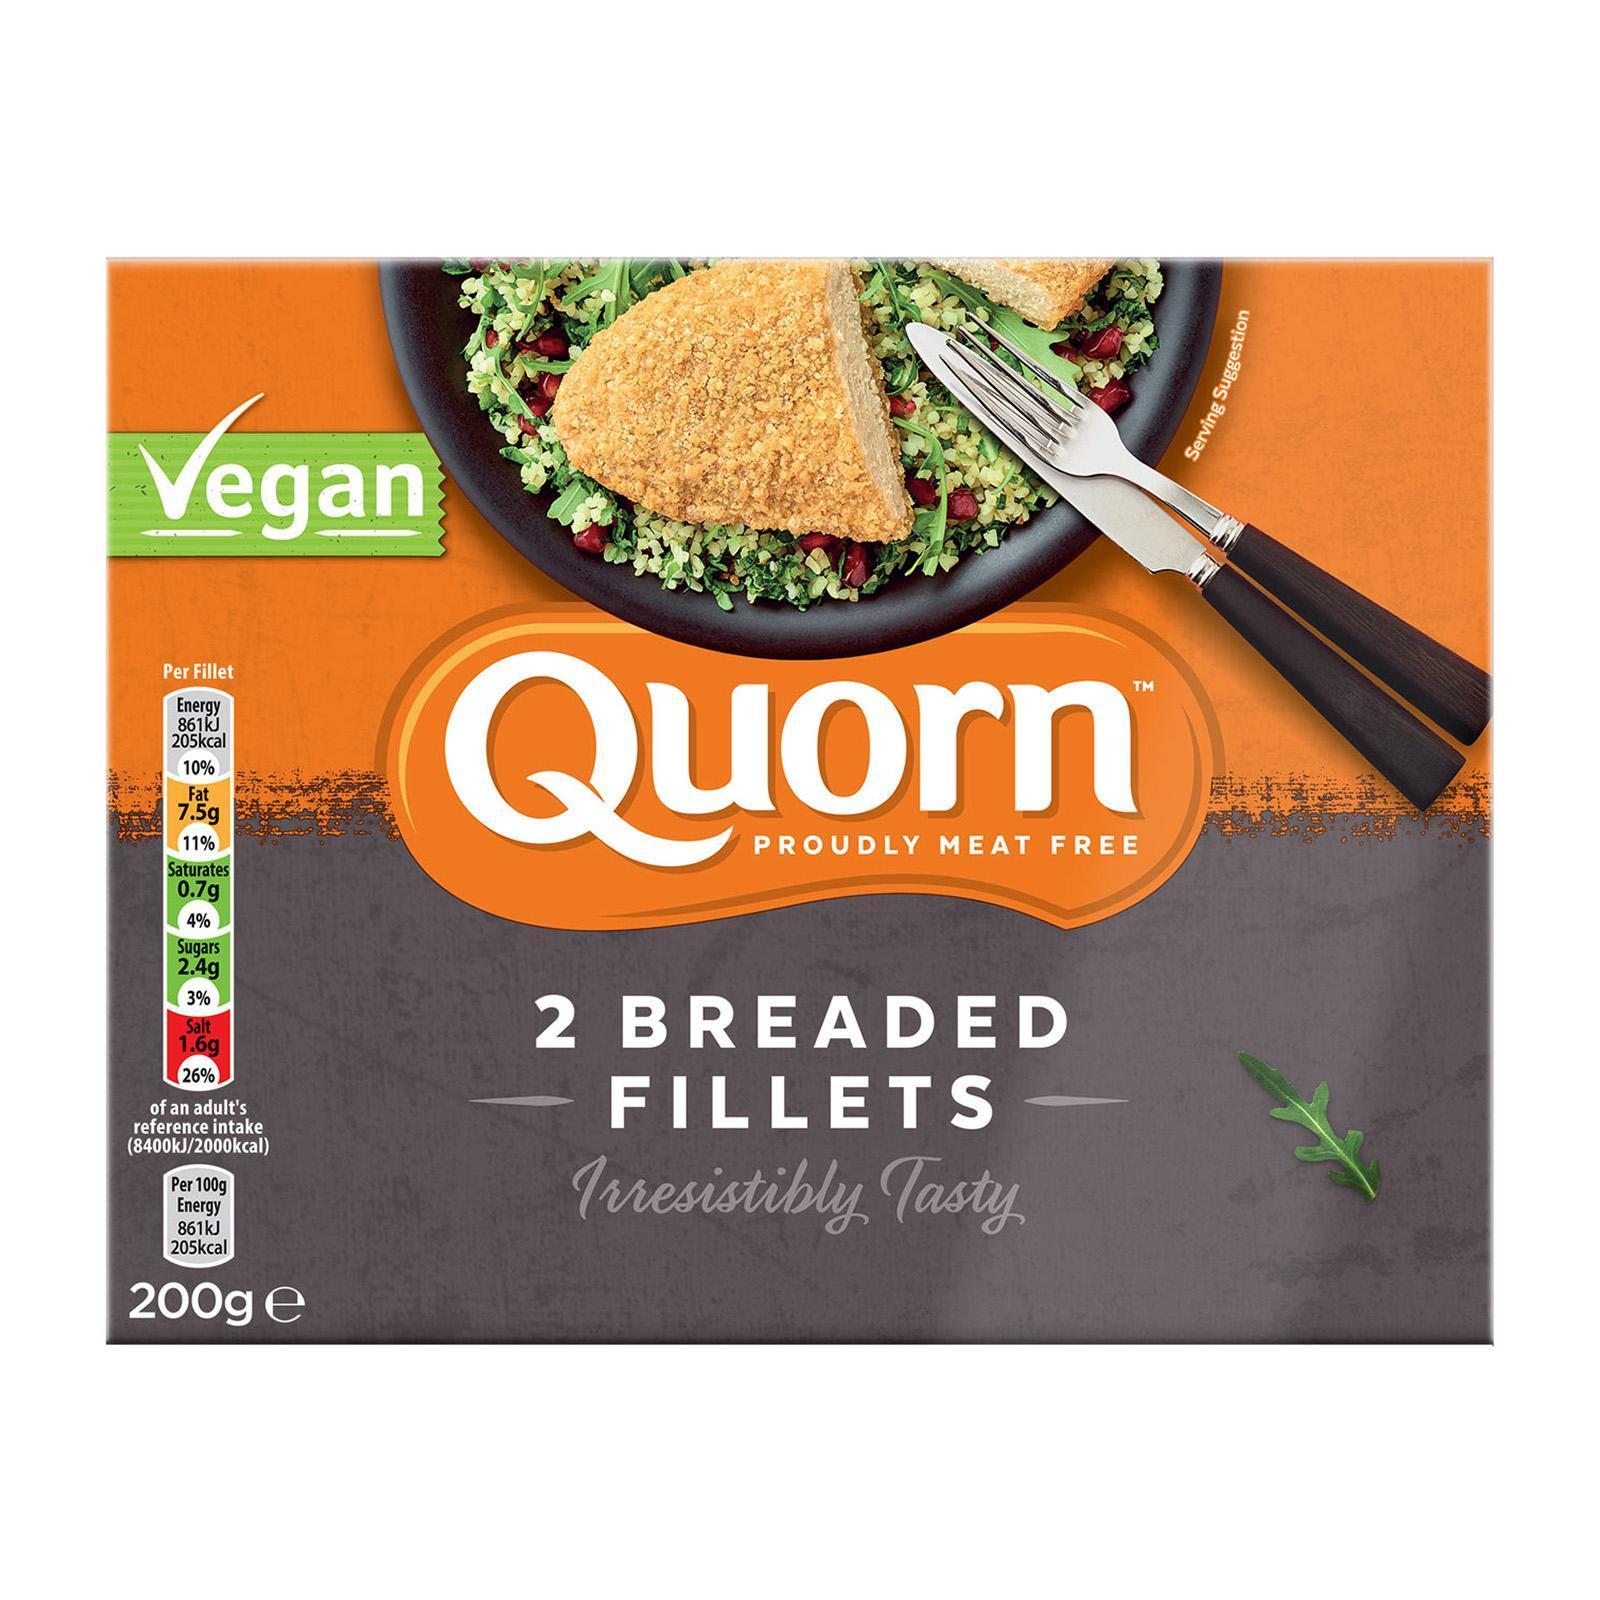 Quorn Vegan Breaded Fillet - Frozen By Redmart.